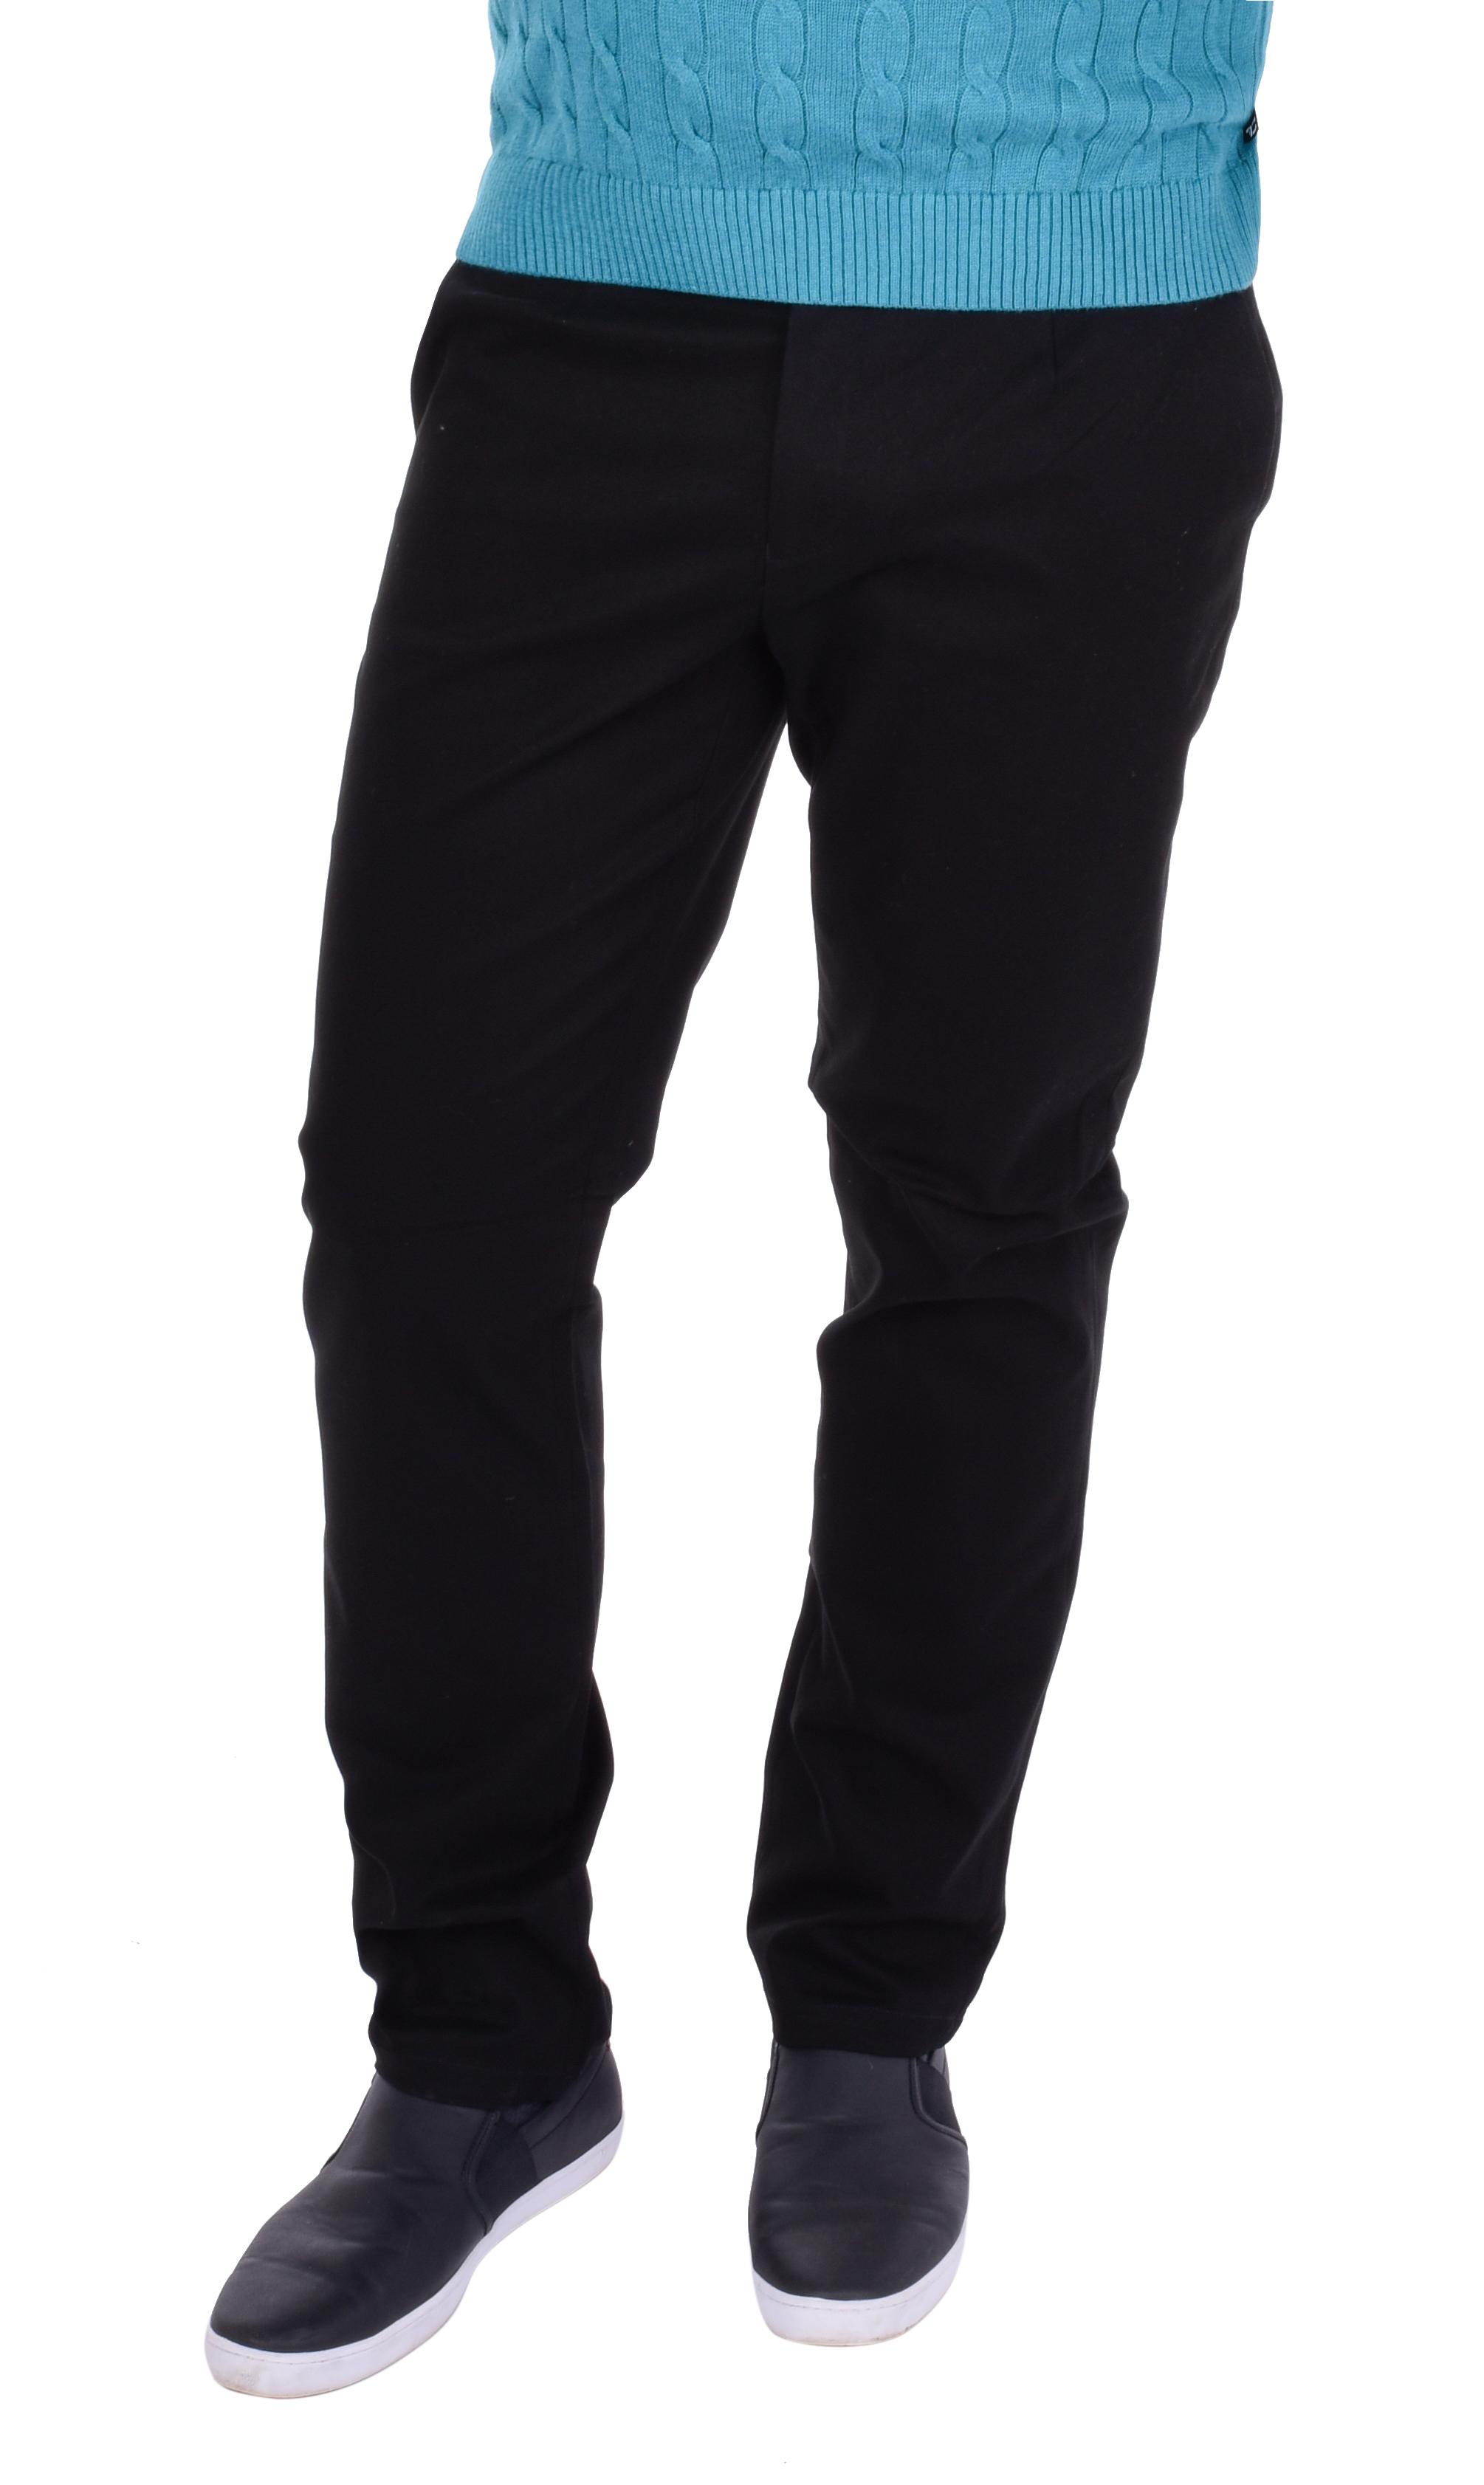 GABARDIN pánské kalhoty   černé vel.1(30)